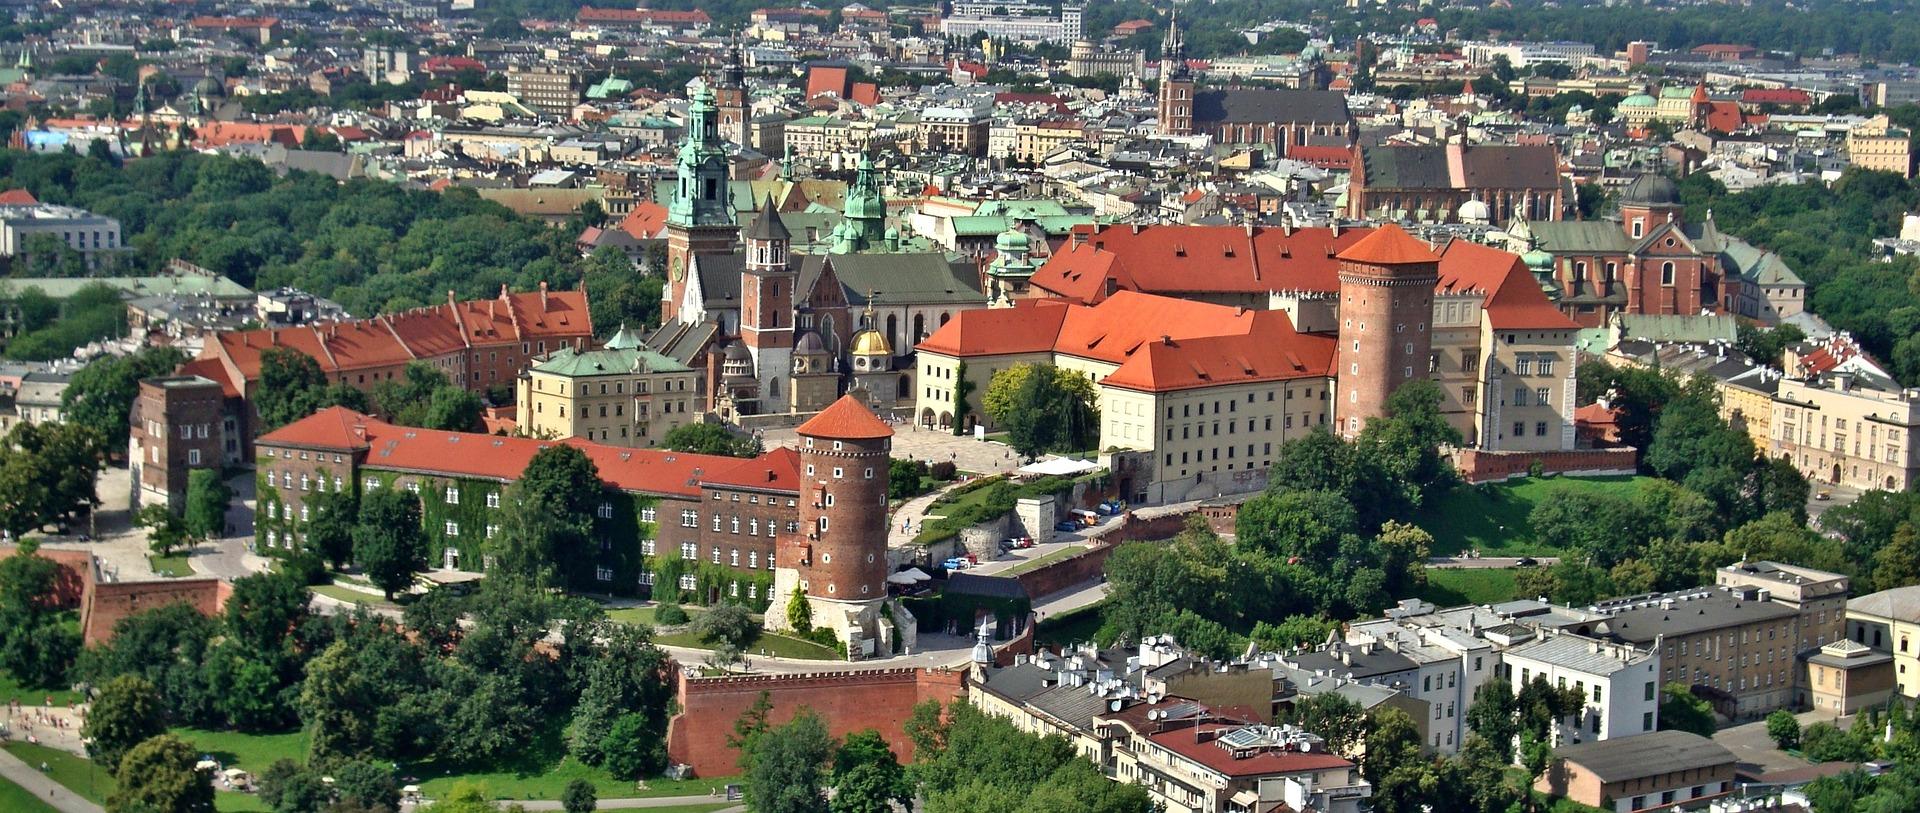 krakow-966774_1920